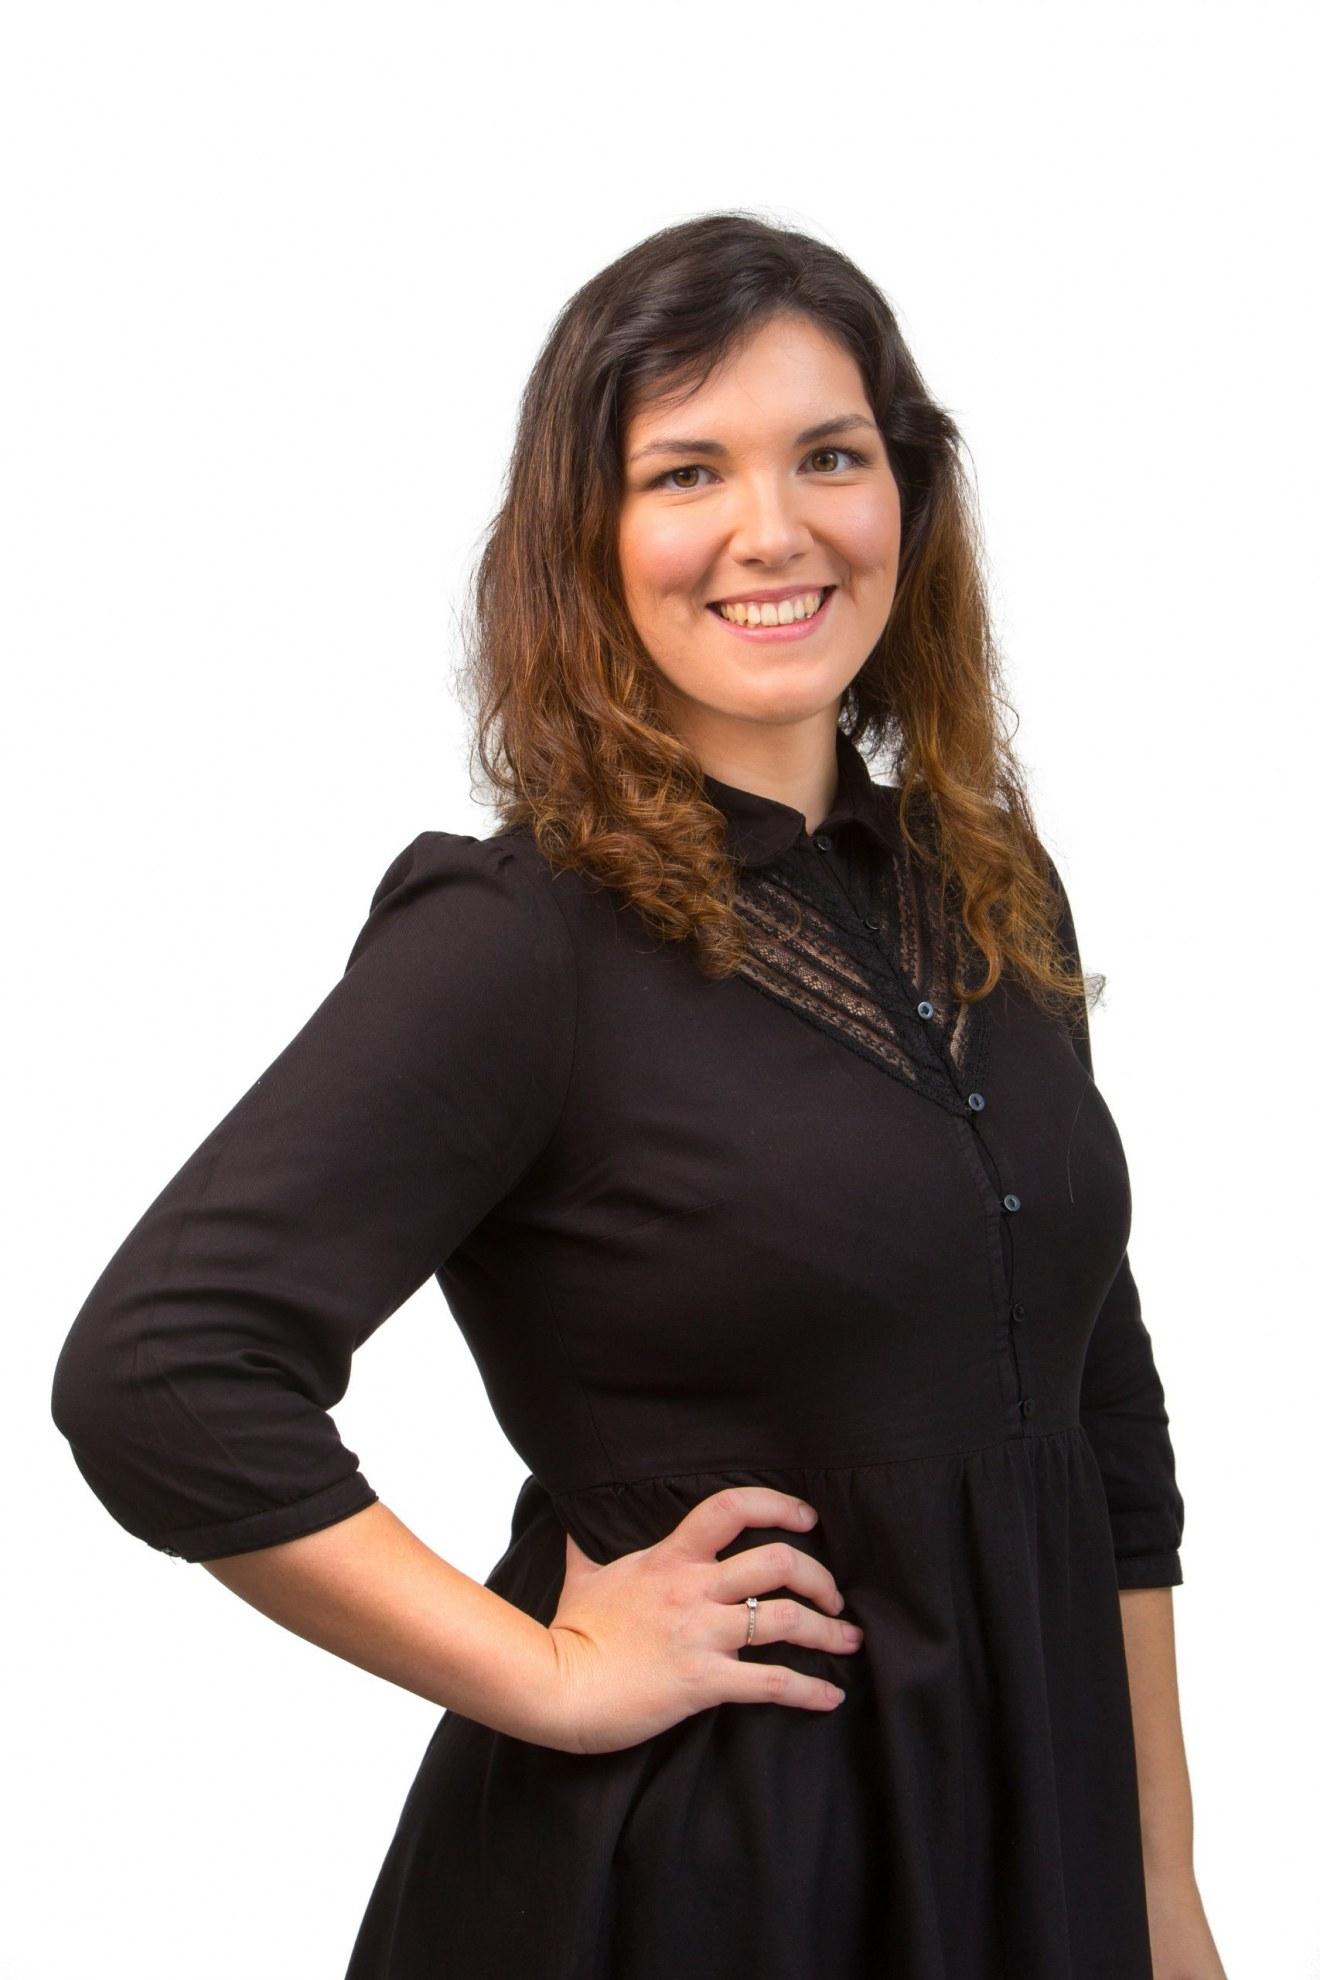 Tina Režek Pintar